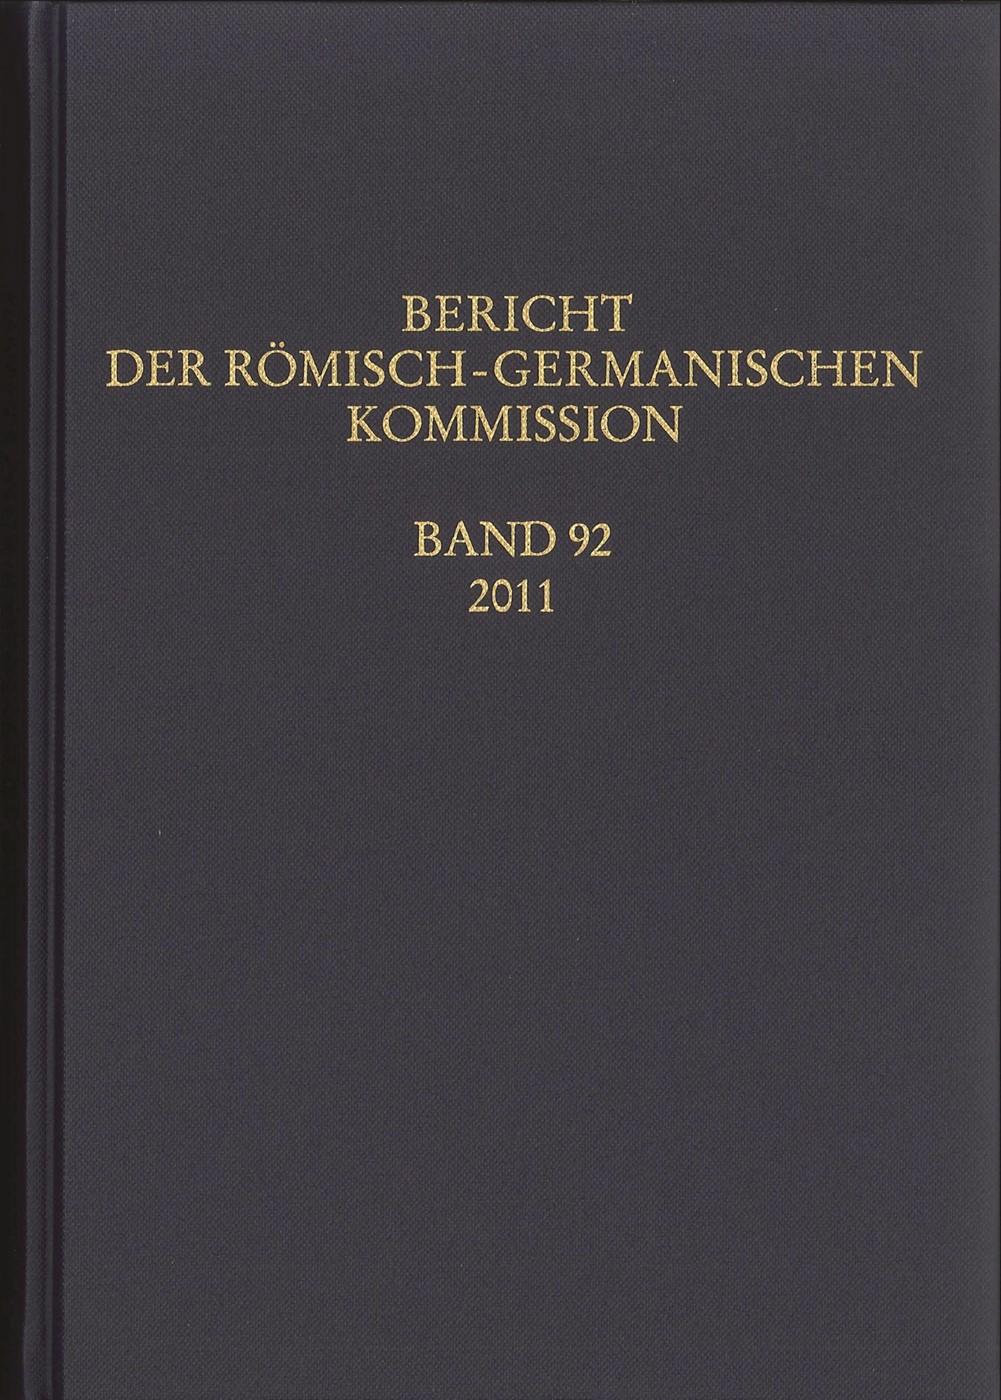 Abbildung von Bericht der Römisch-Germanischen Kommission | 2015